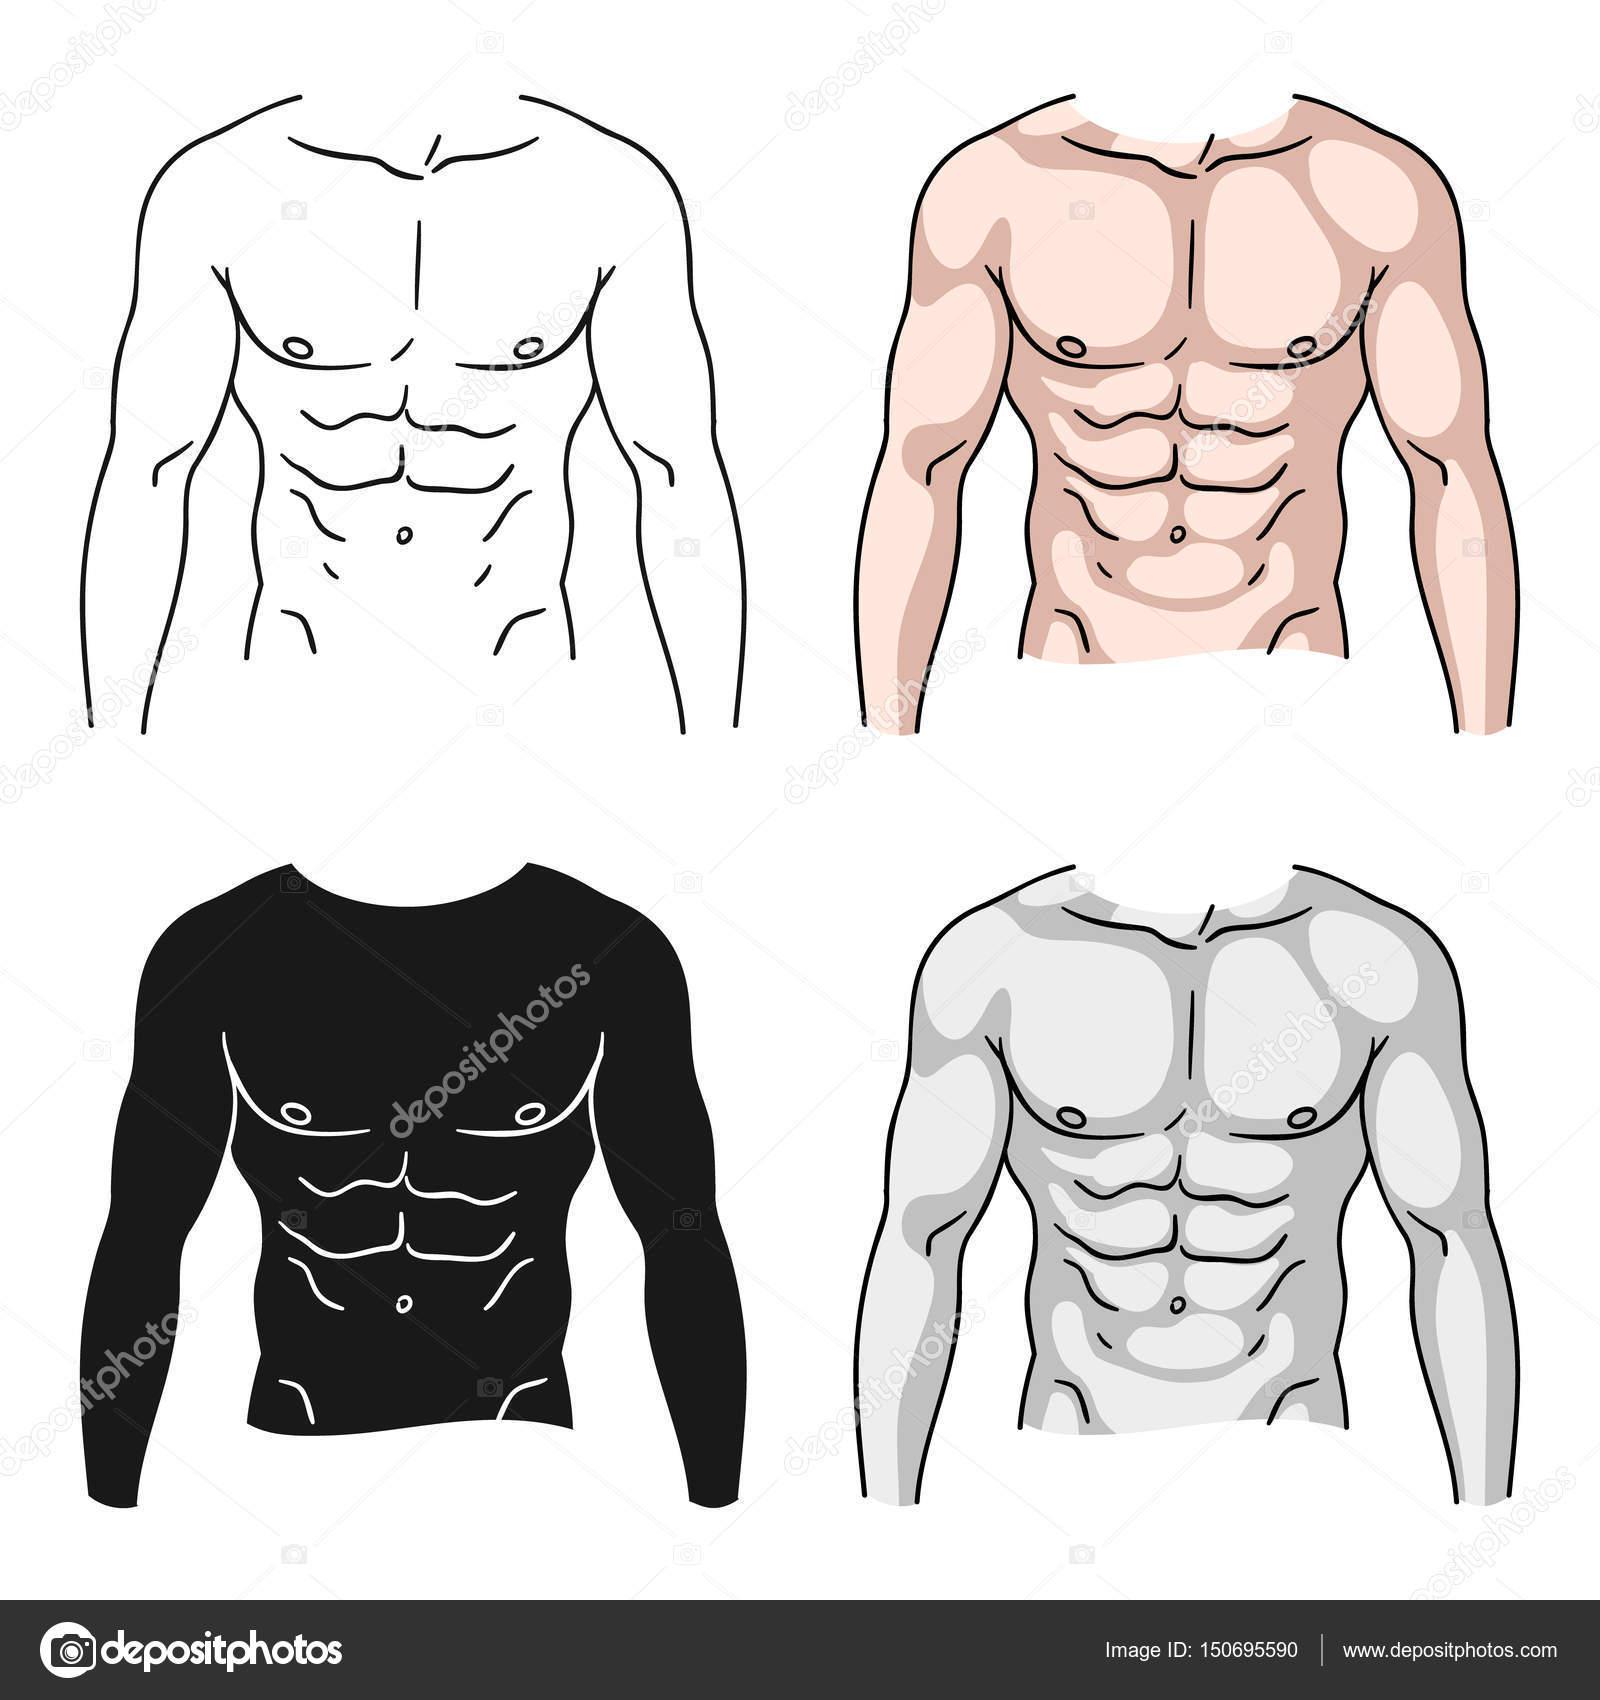 Muskulösen Oberkörper Symbol im Cartoon-Stil, die isoliert auf ...